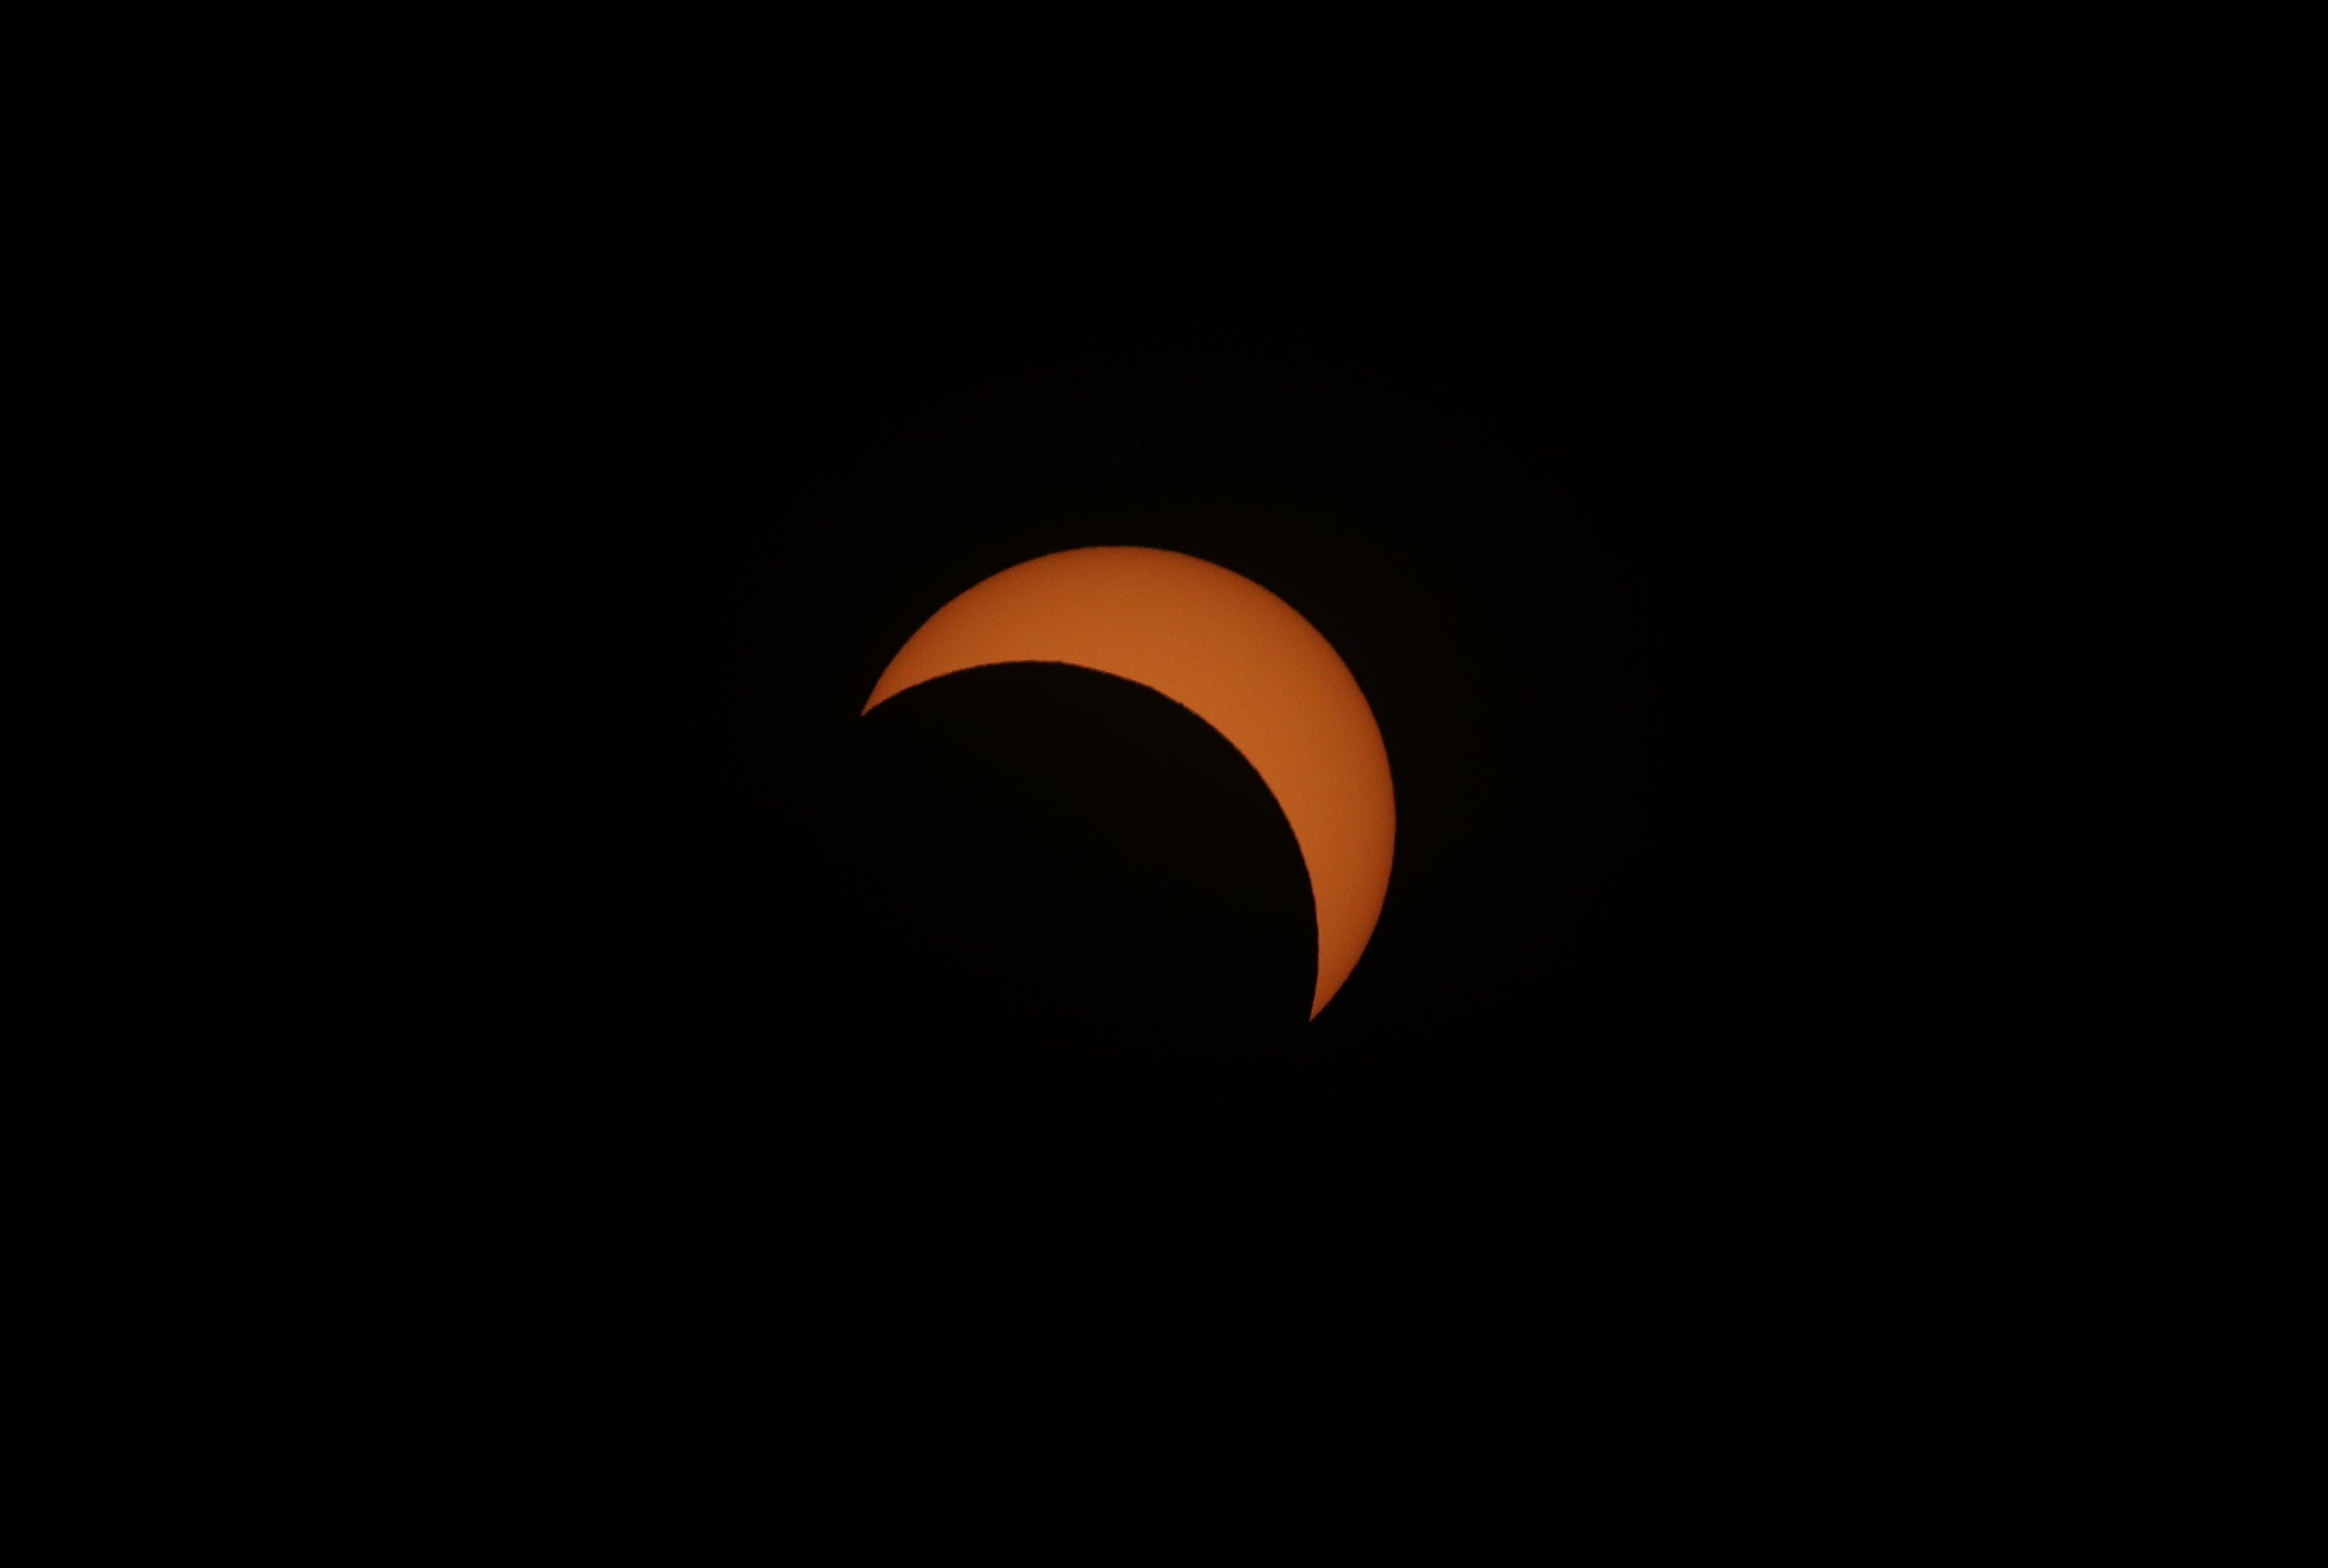 9. -La luna tapa gran parte del sol durante el eclipse solar total, este martes en la ciudad de Merlo, San Luis (Argentina). EFE/Nicolas Aguilera